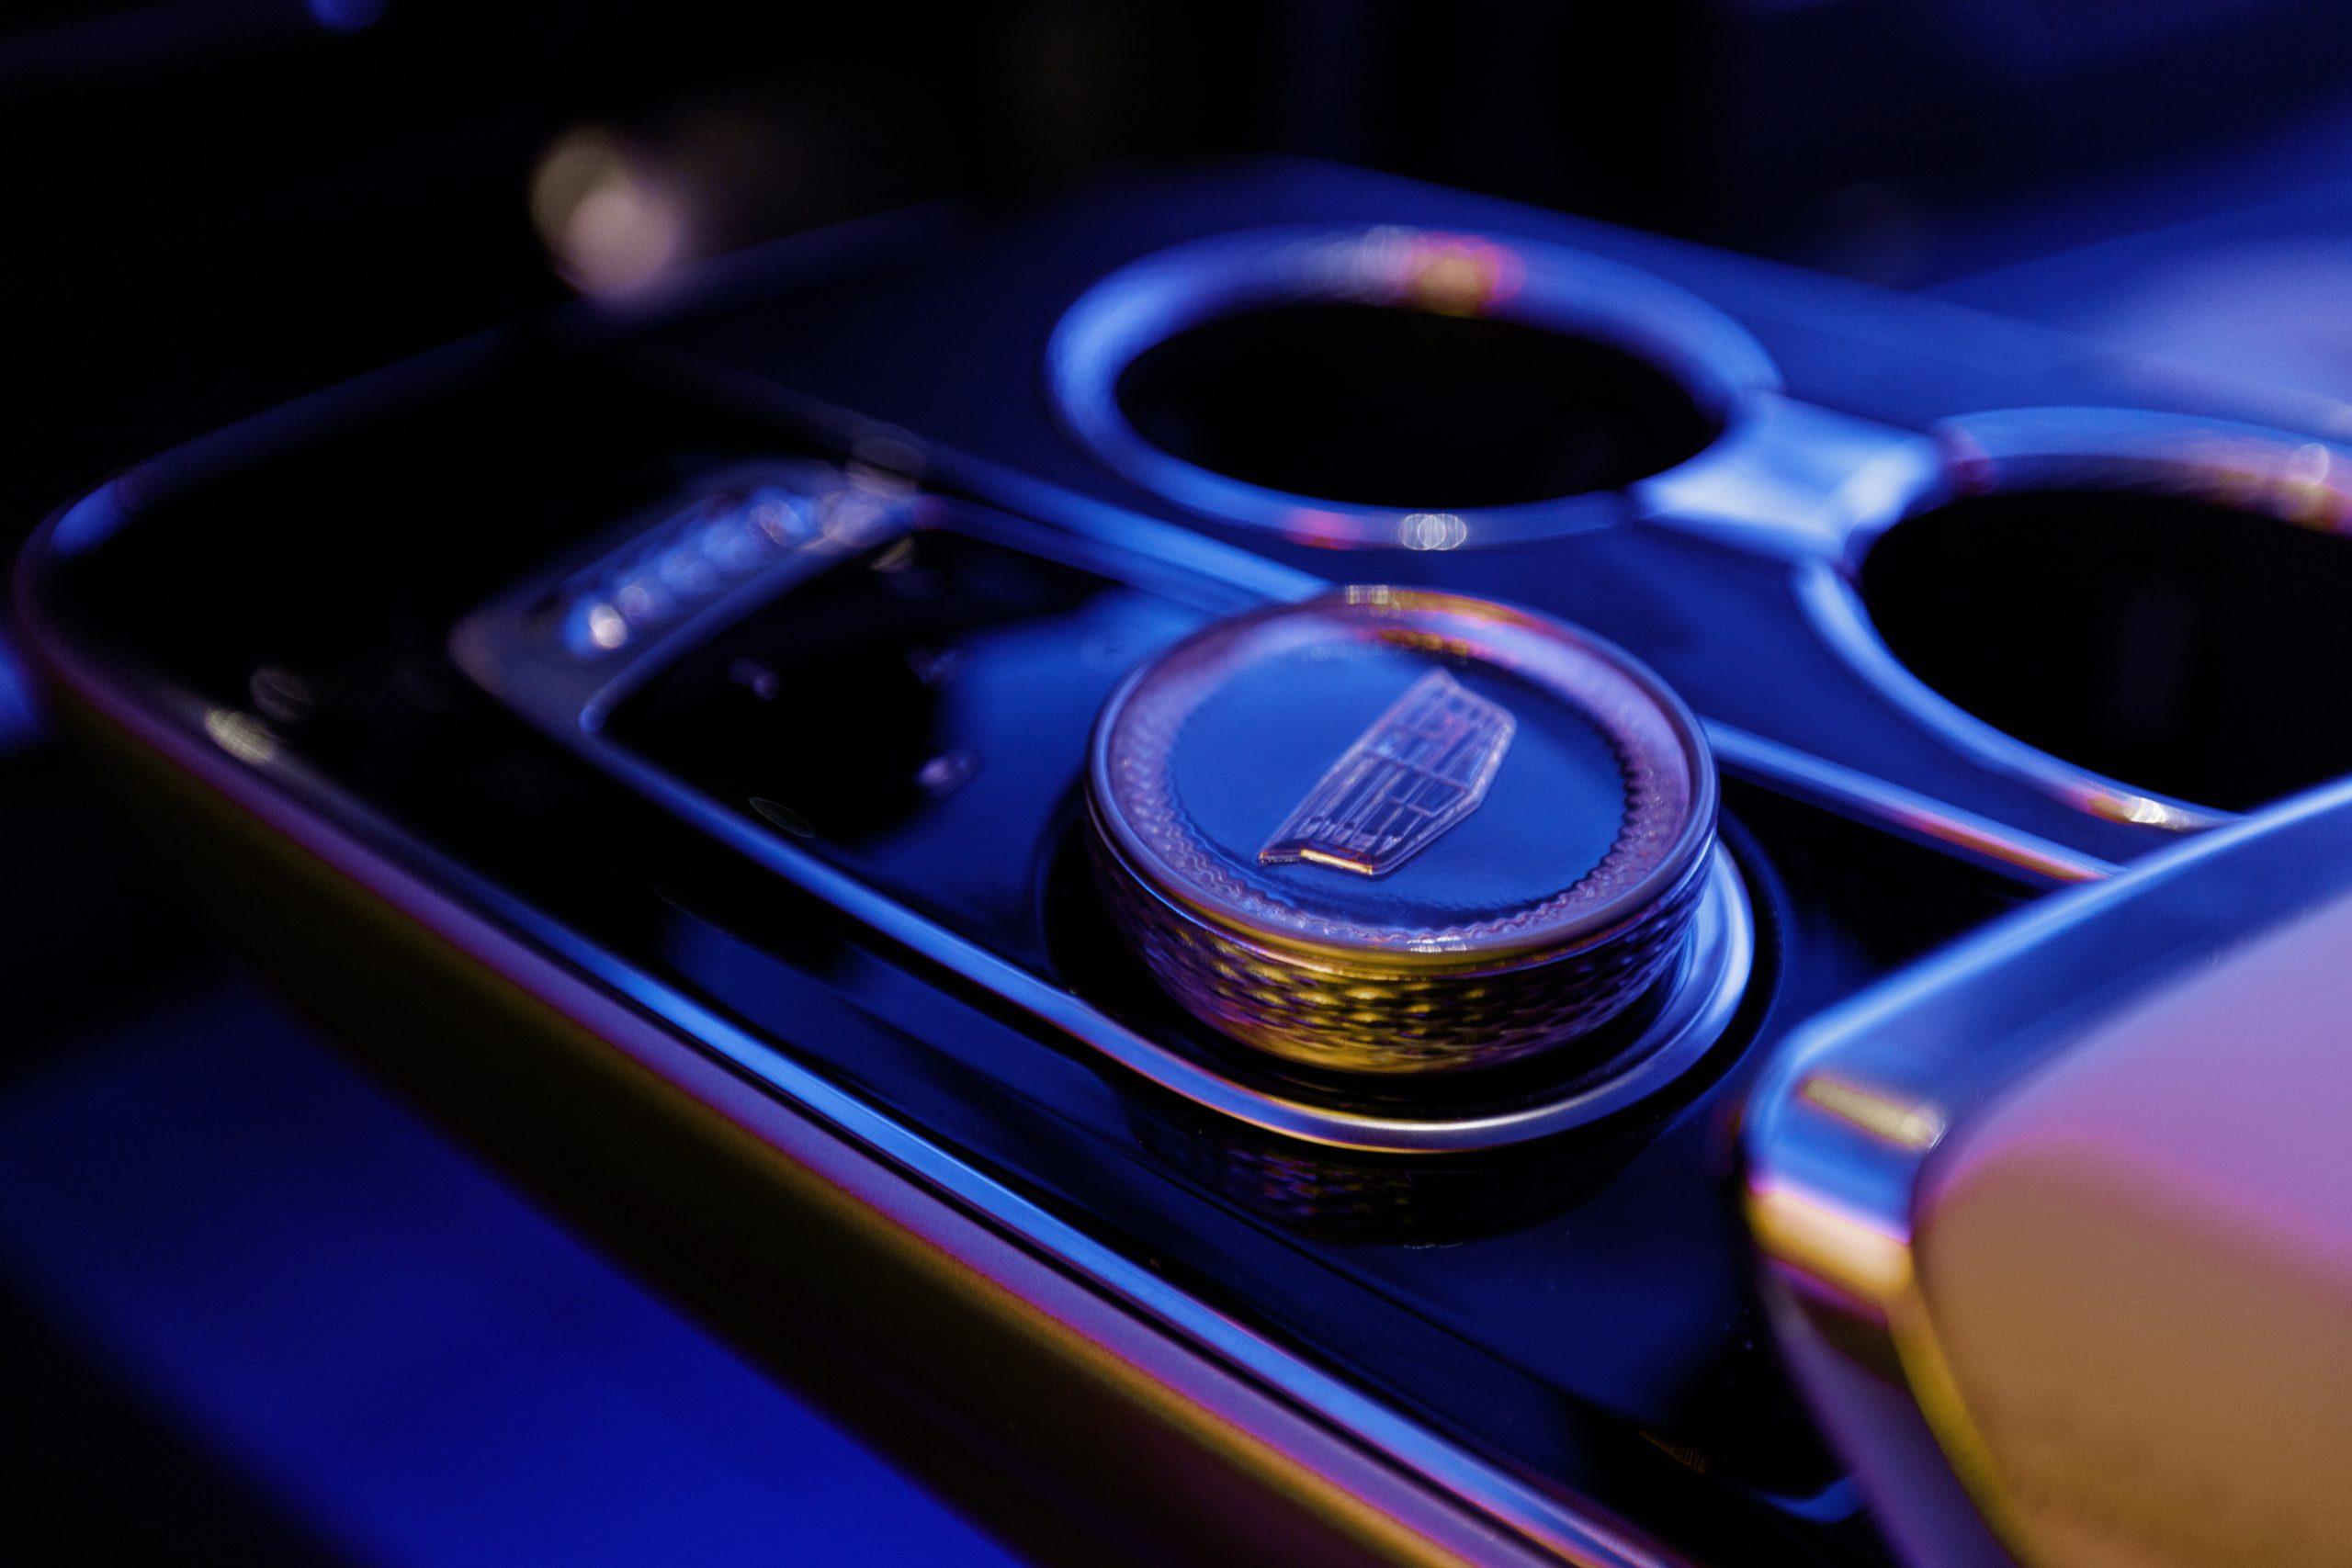 2023 Cadillac Lyriq interior console button MFC